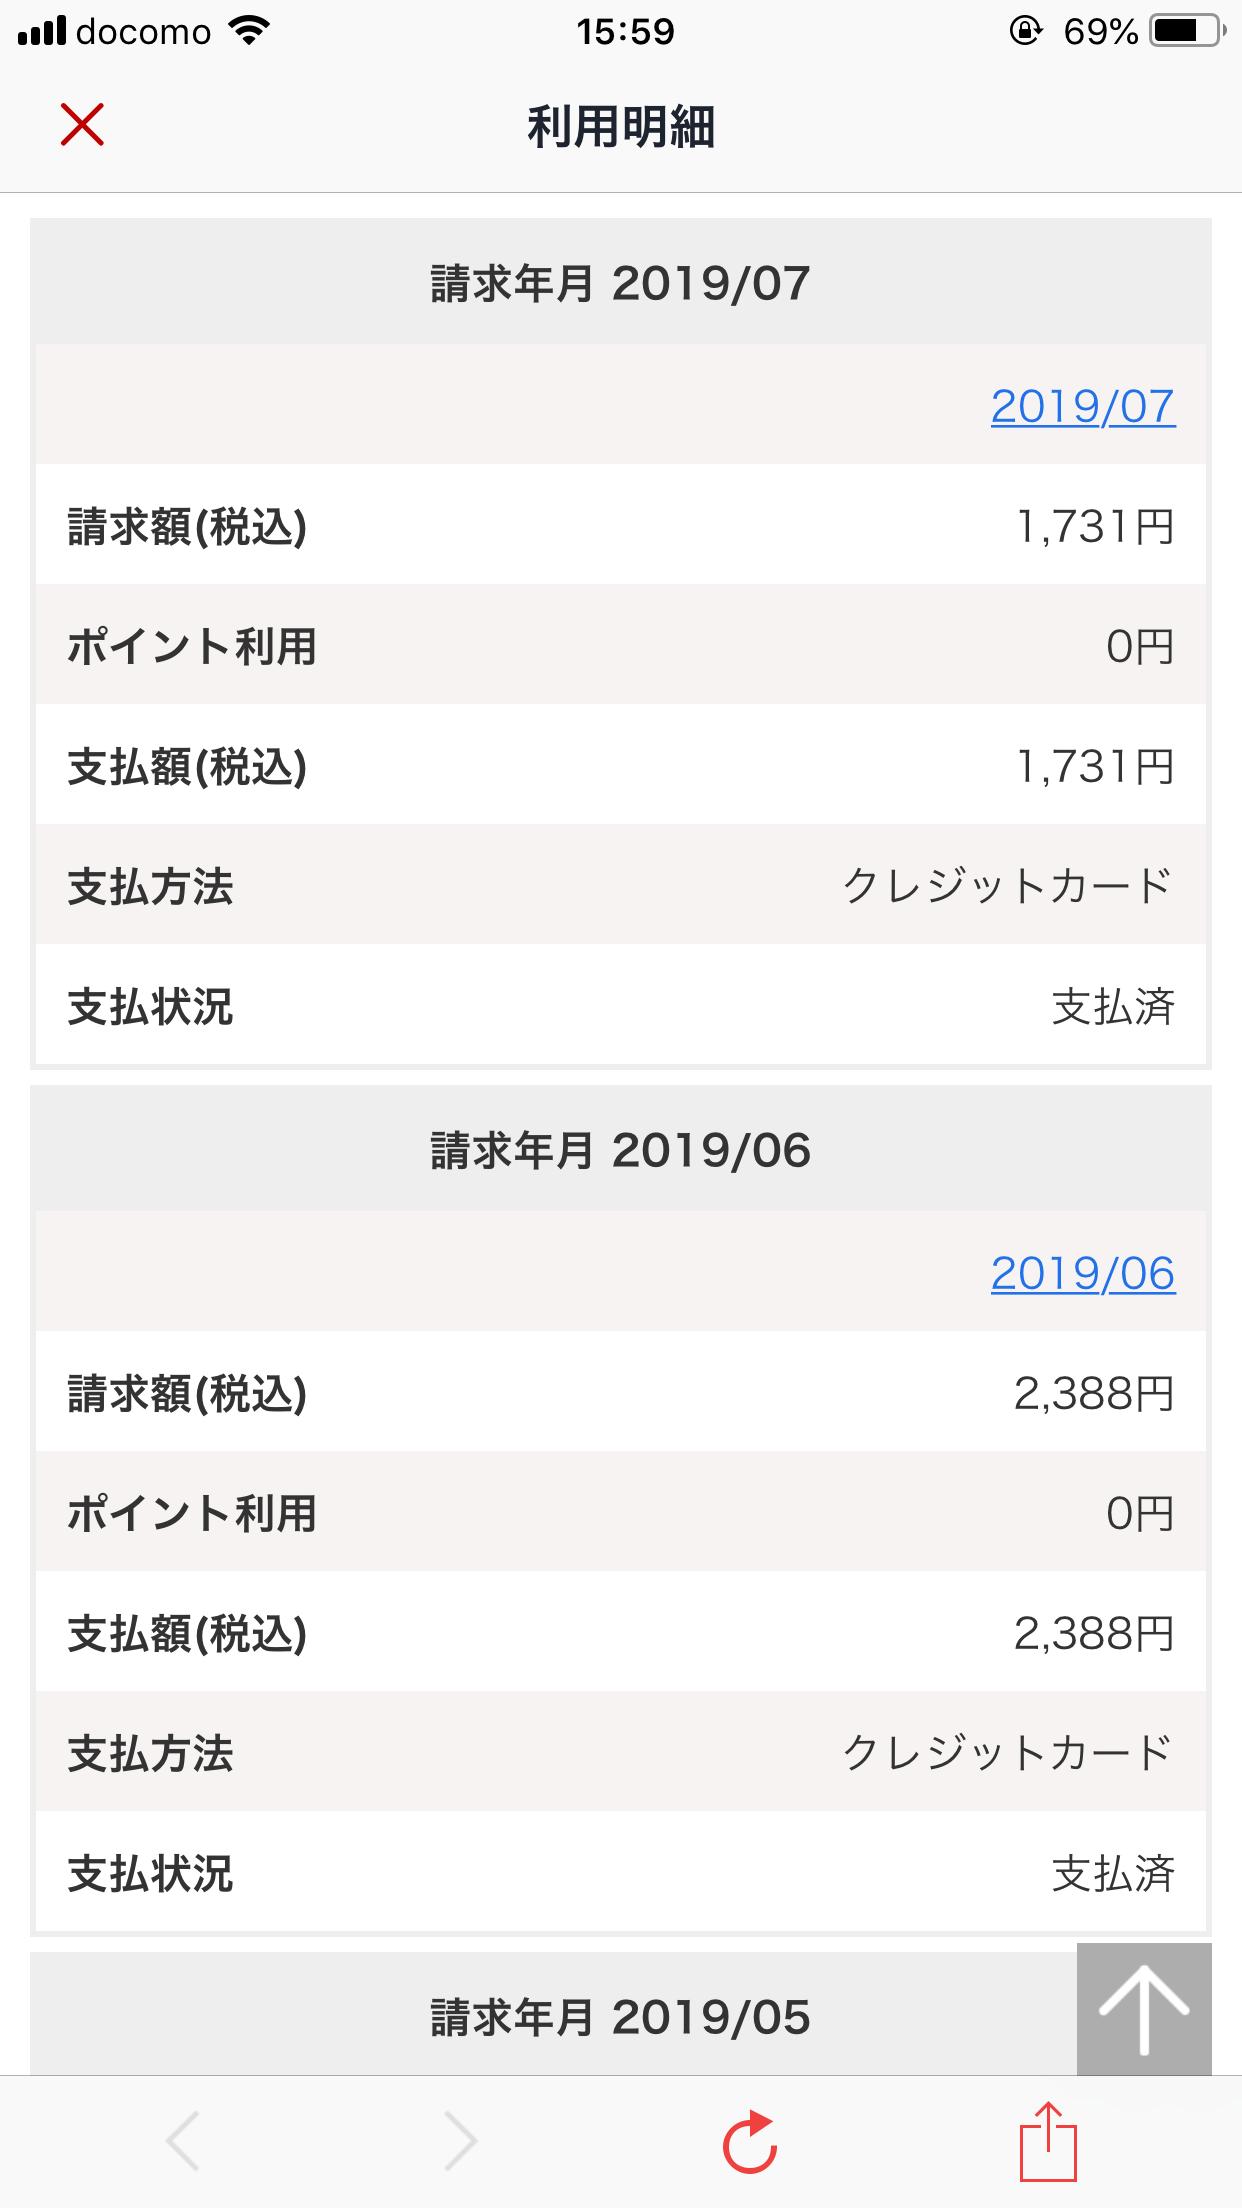 利用明細(2019/06〜2019/07)